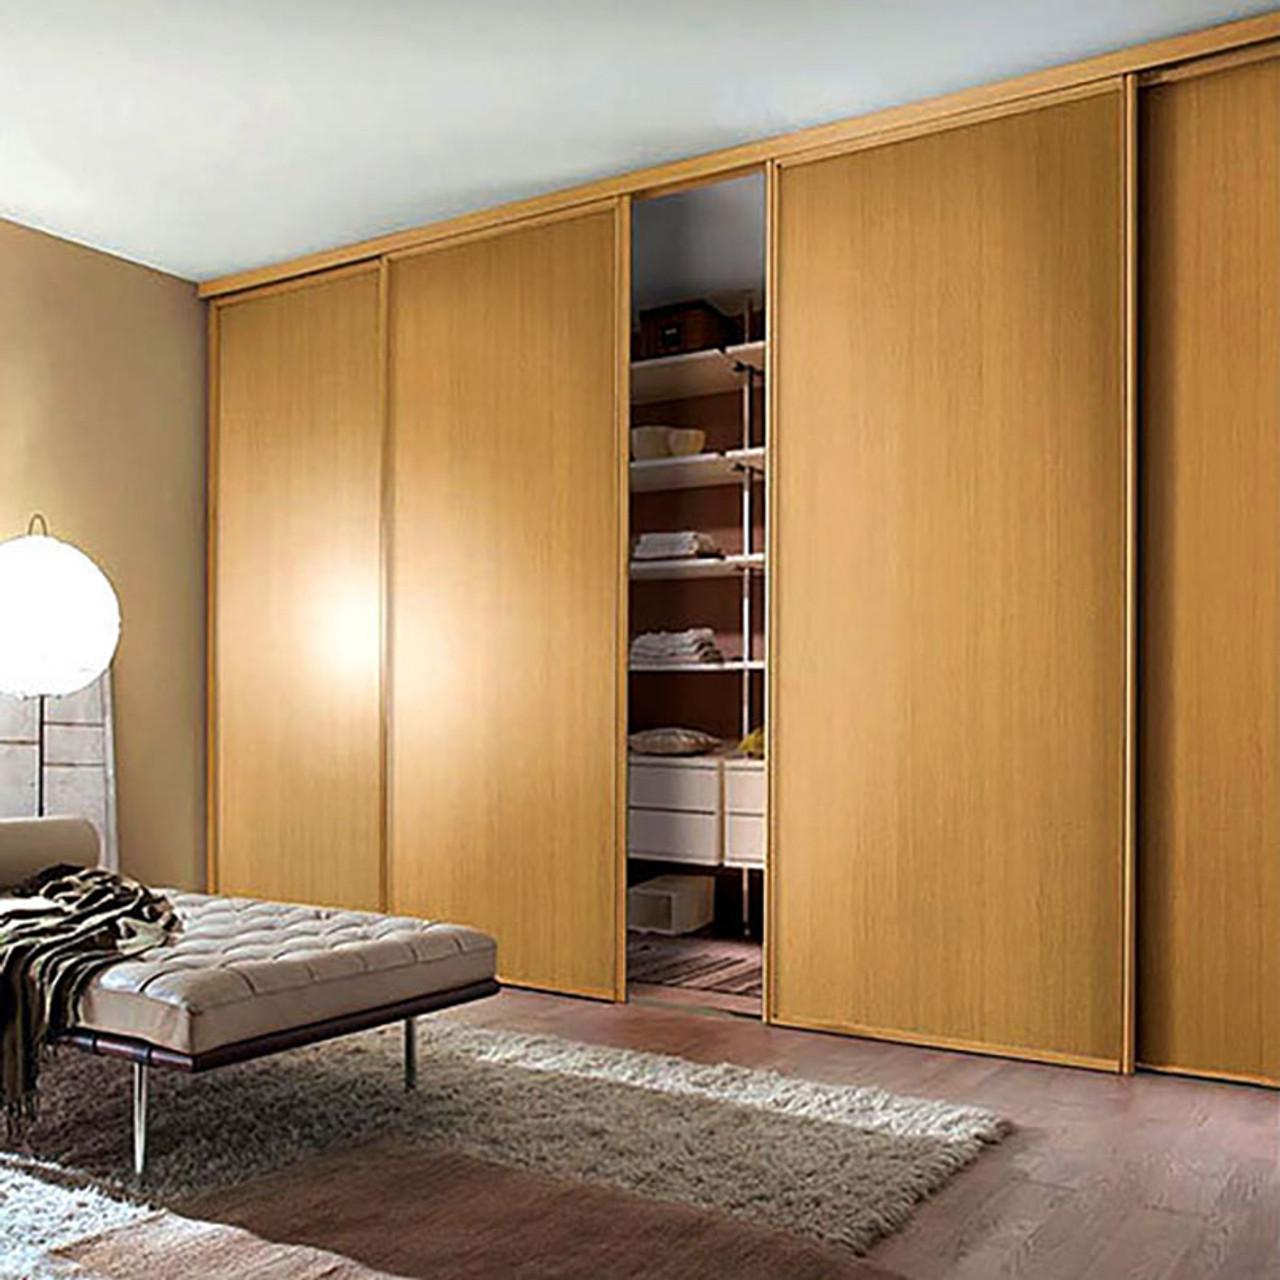 Hafele Slido Classic 120 Sliding Wood Door Fitting   Image 1 ...